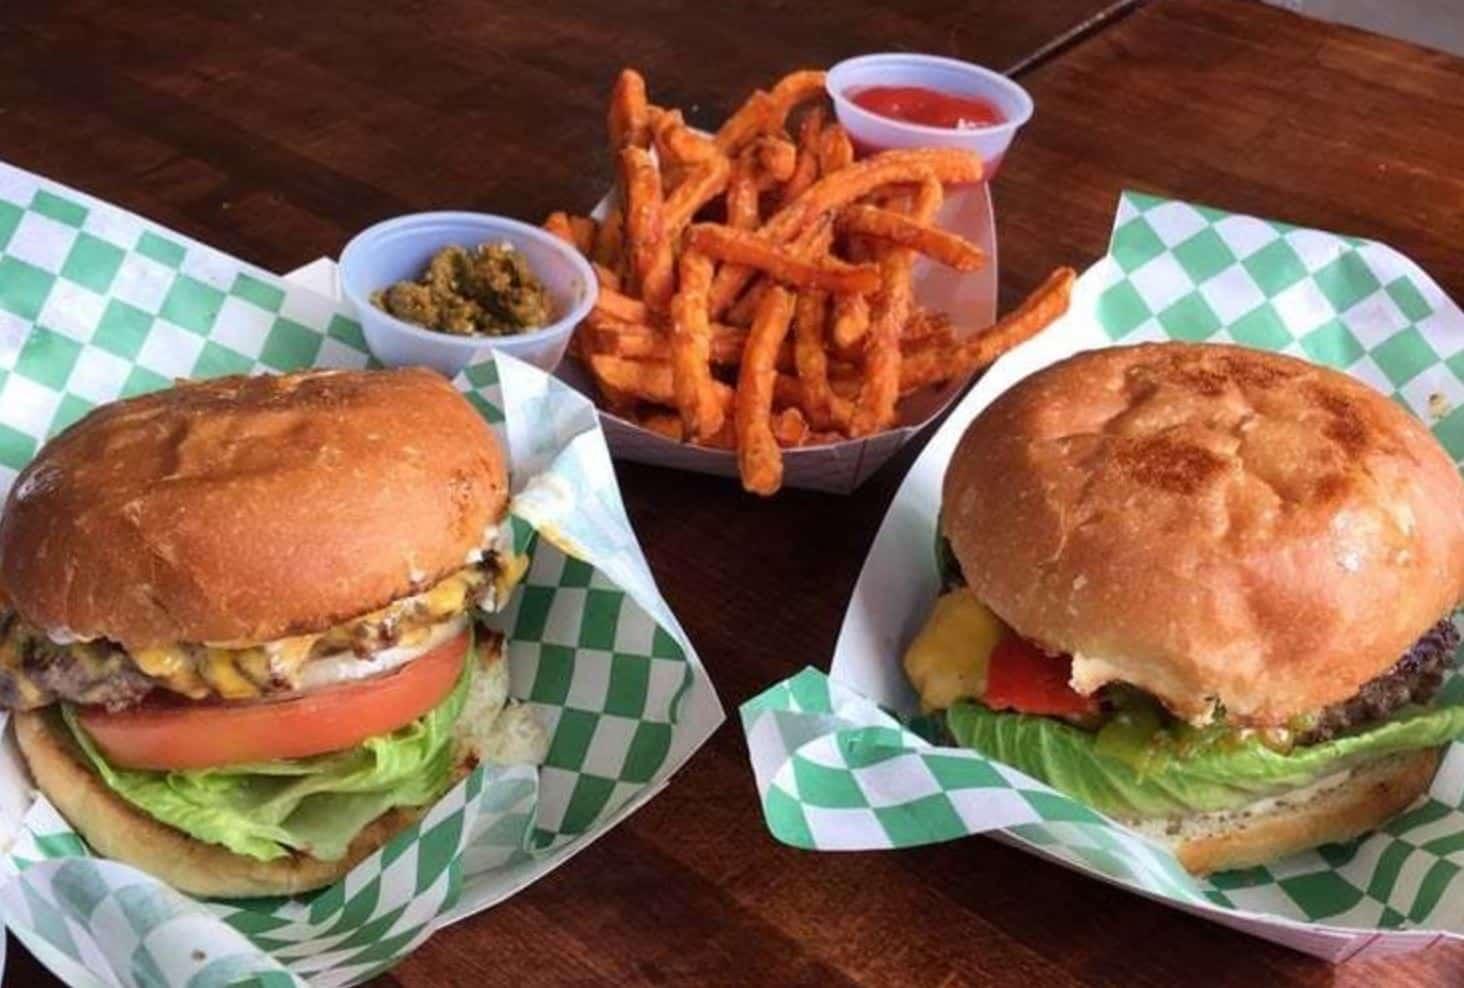 Albuquerque burgers